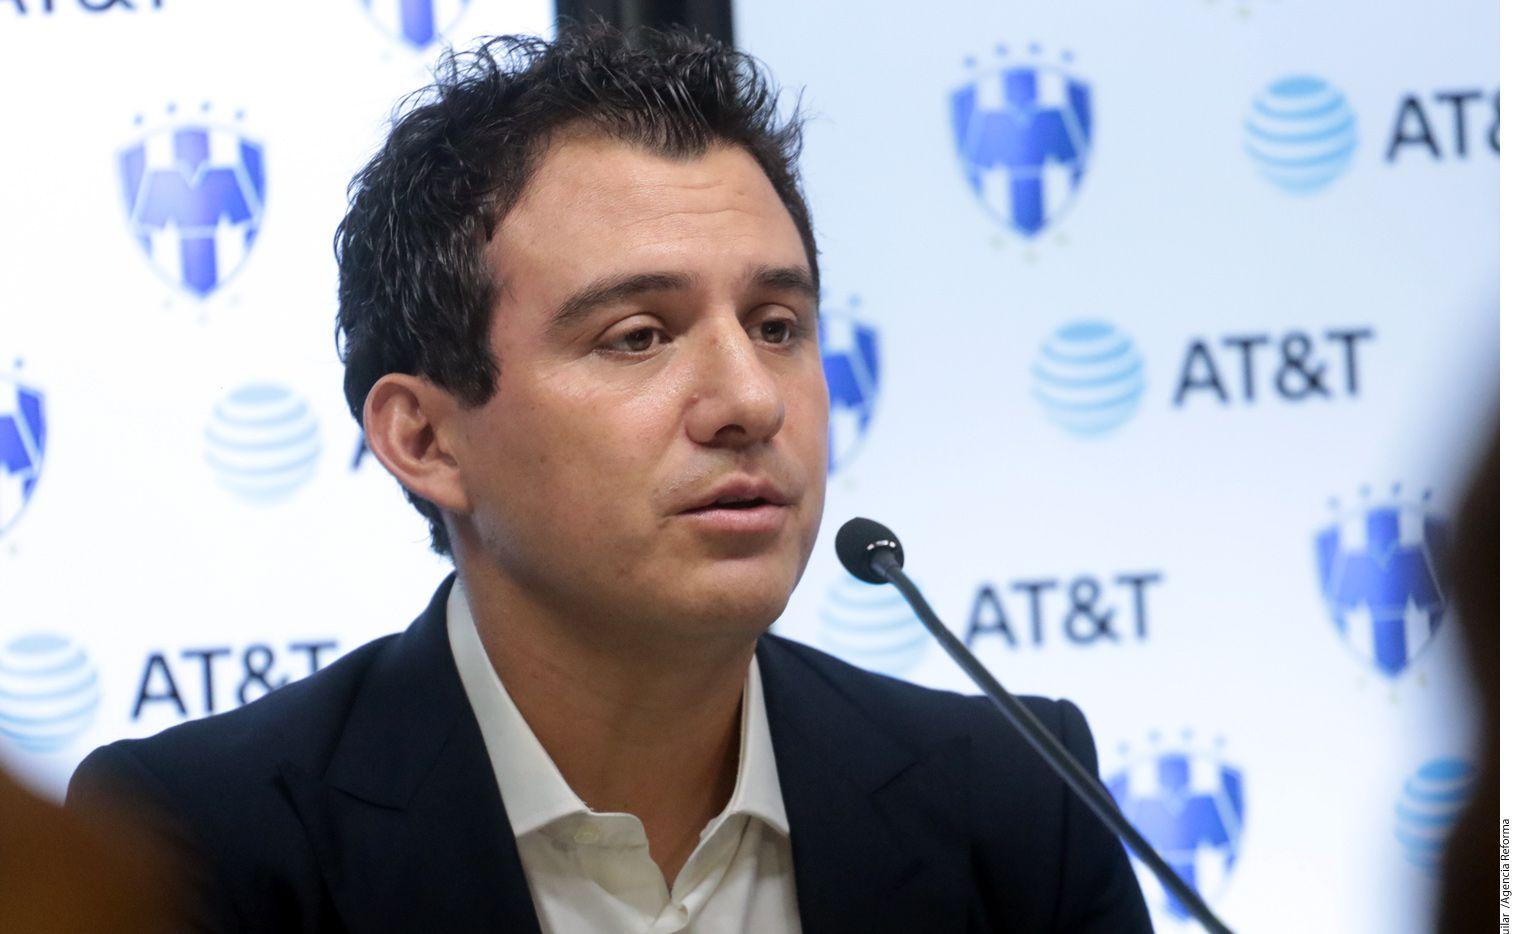 Luis Pérez es un histórico del club siendo campeón en los torneos Clausura 2003, Apertura 2009 y 2010. Además estuvo en los títulos de la Concachampions 2011 y 2012. Foto AGENCIA REFORMA